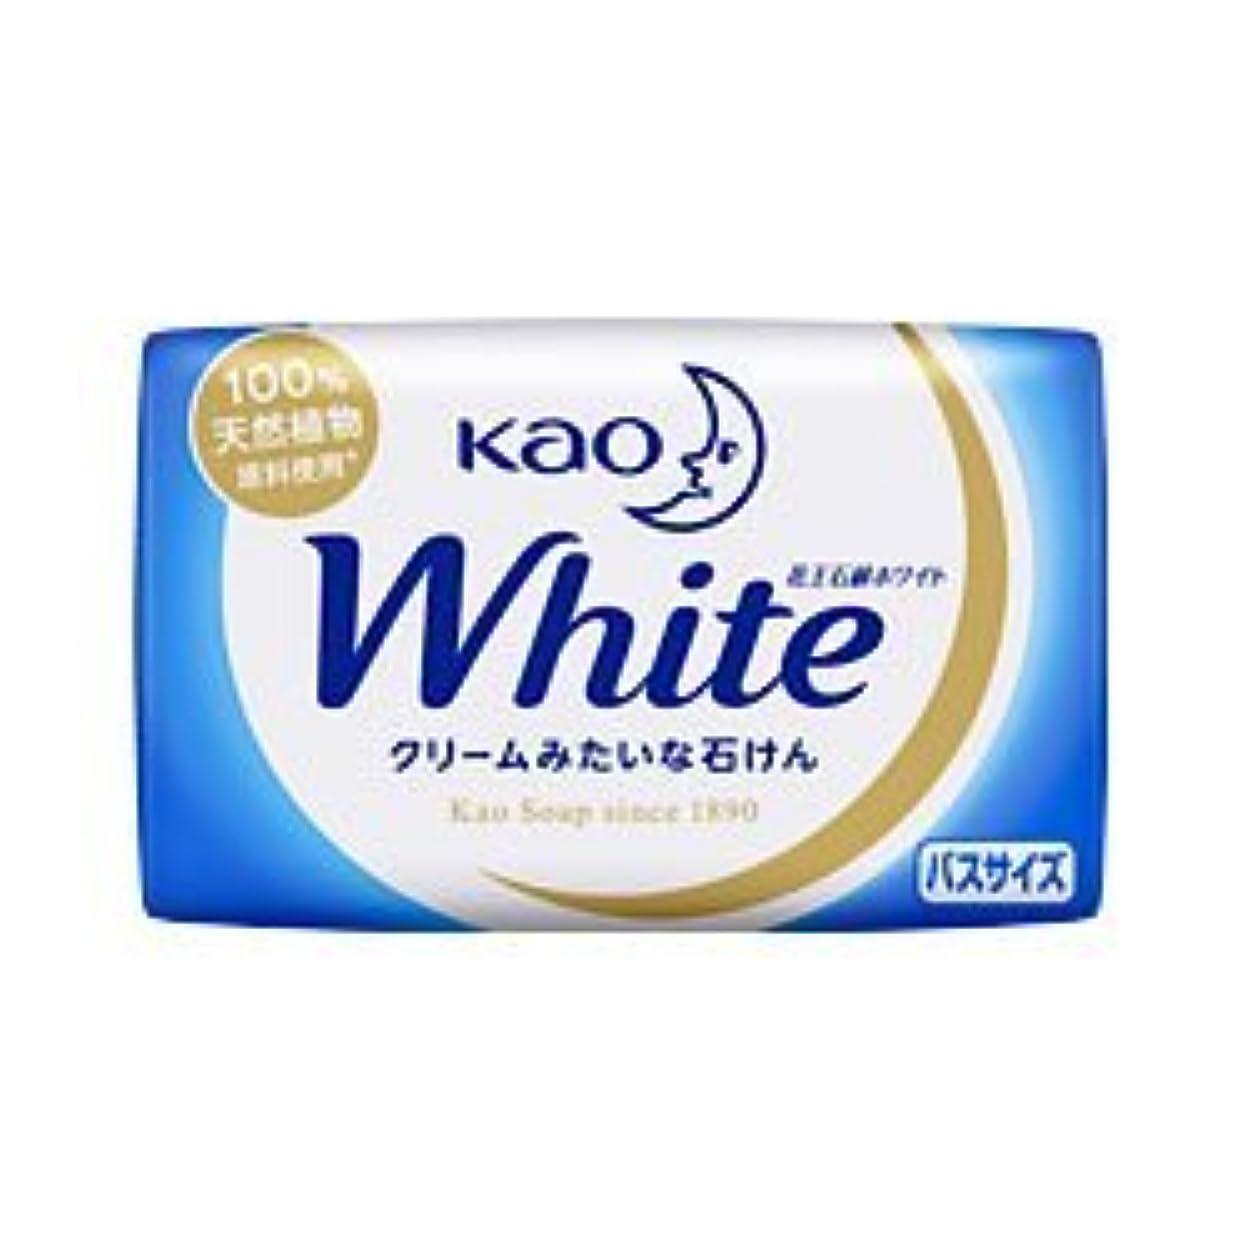 たっぷり三十陰気【花王】花王ホワイト バスサイズ 1個 130g ×20個セット